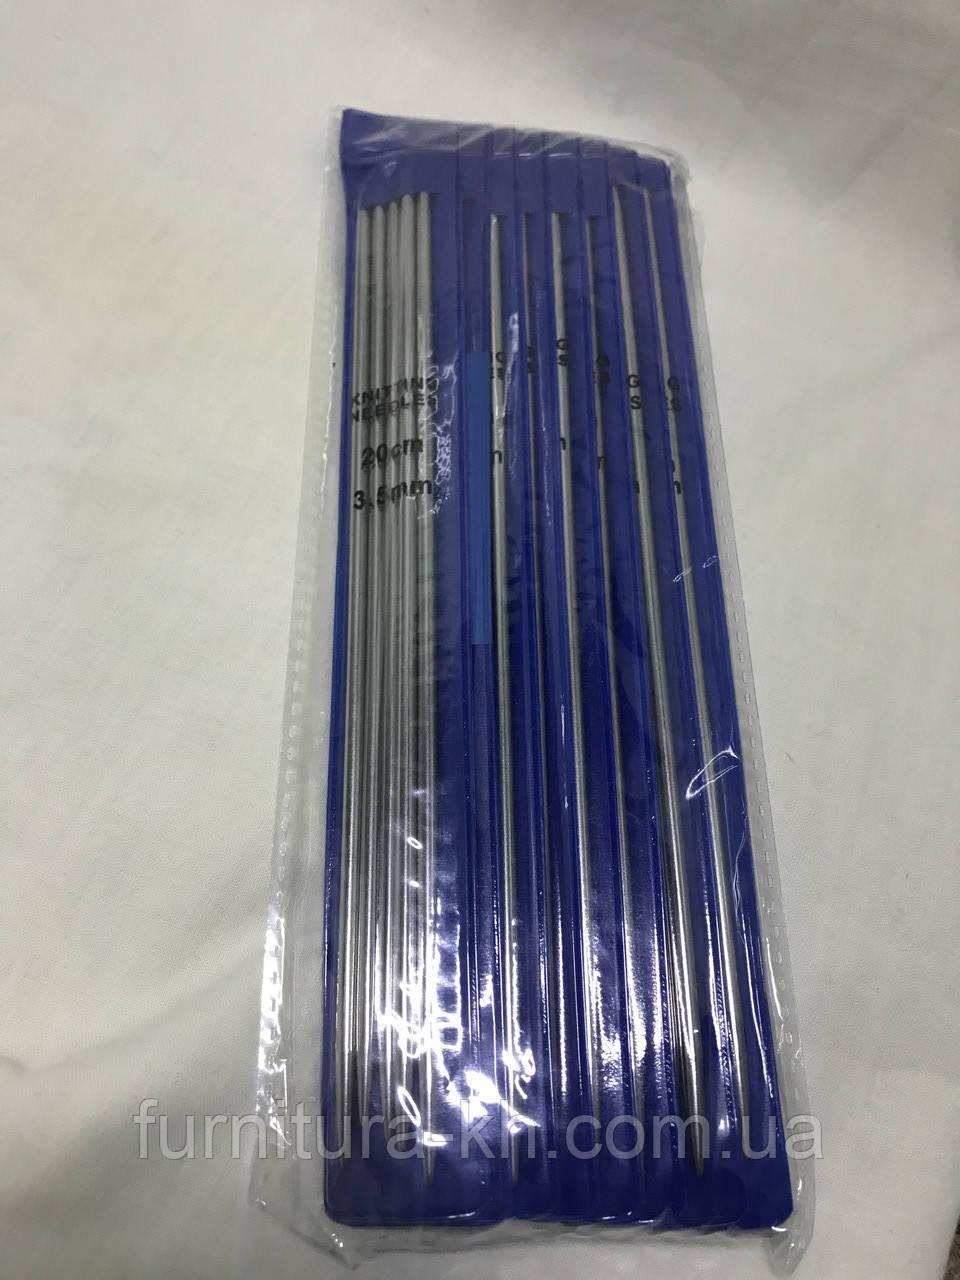 Носочные металлические  спицы для вязания 3.5 мм длинна 20 см